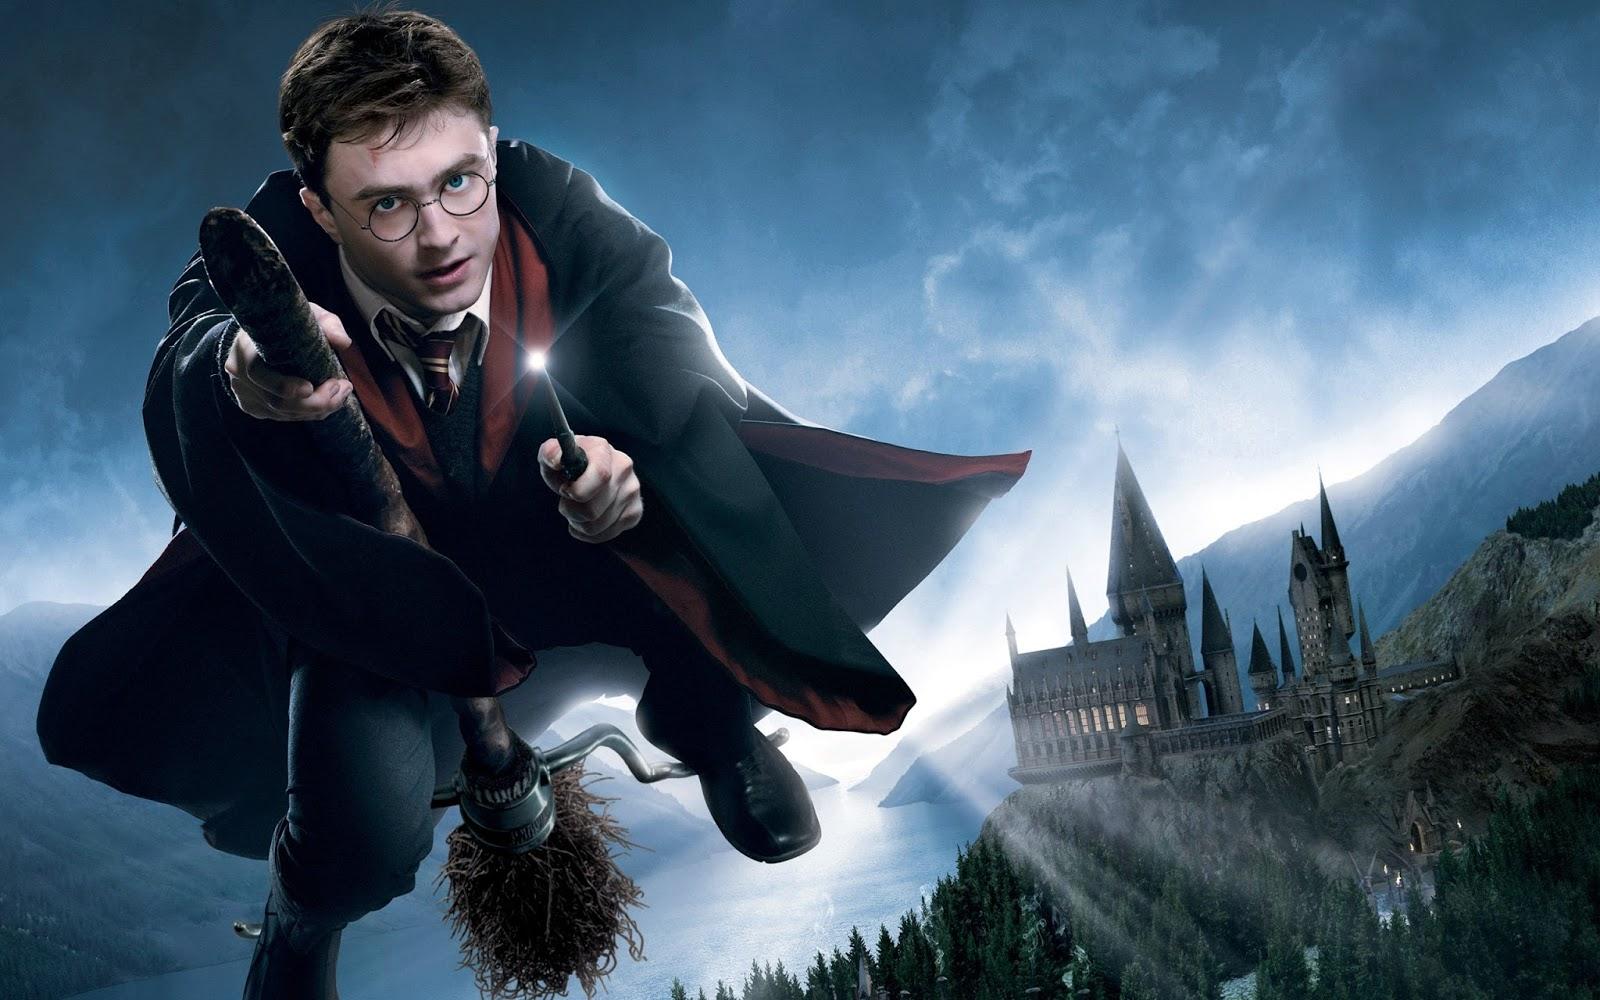 Harry Potter Daniel Radcliffe Wide Wallpaper